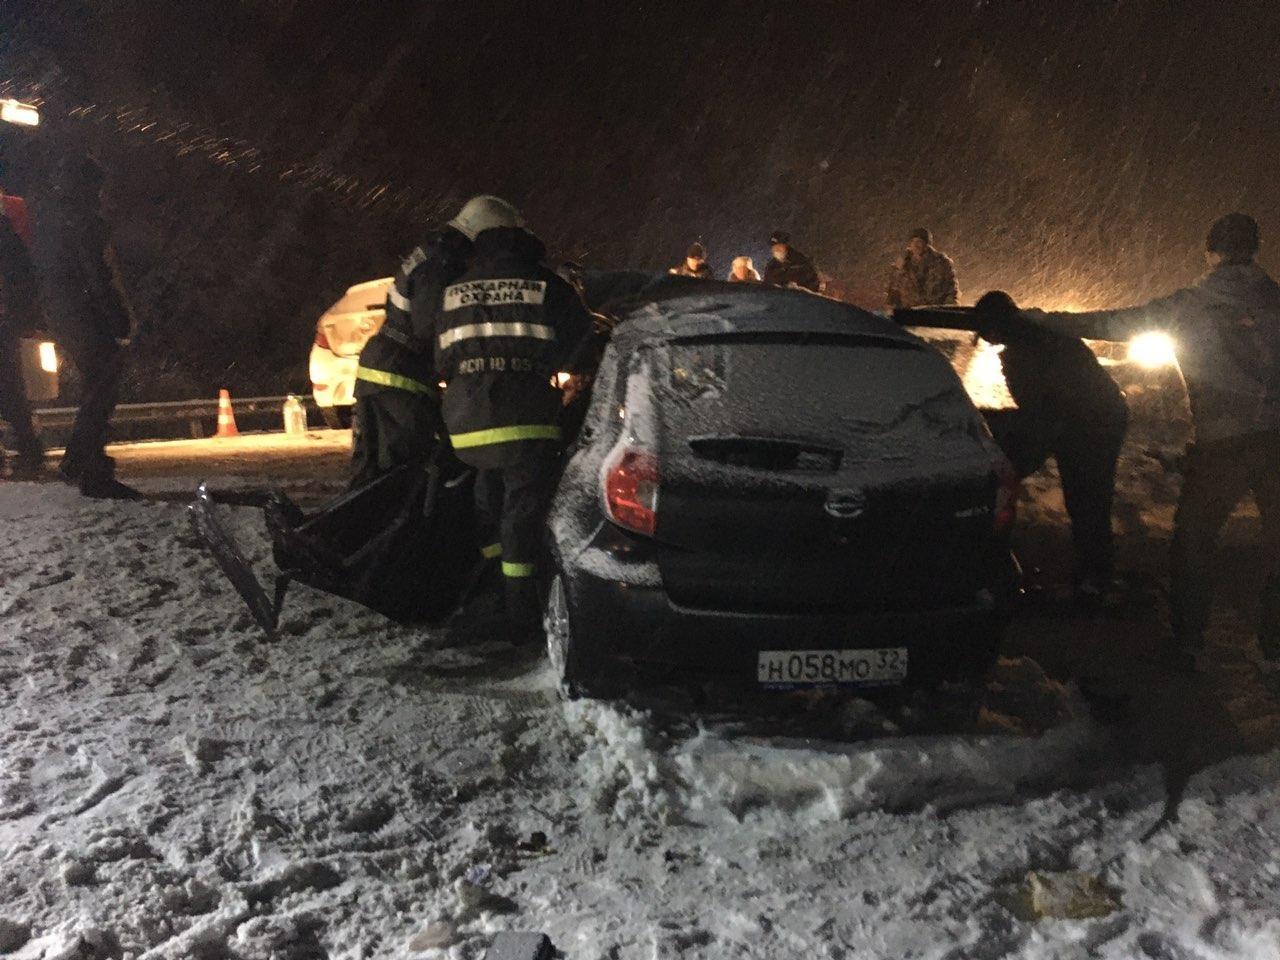 Спасатели МЧС приняли участие в ликвидации последствий ДТП в Жуковском районе